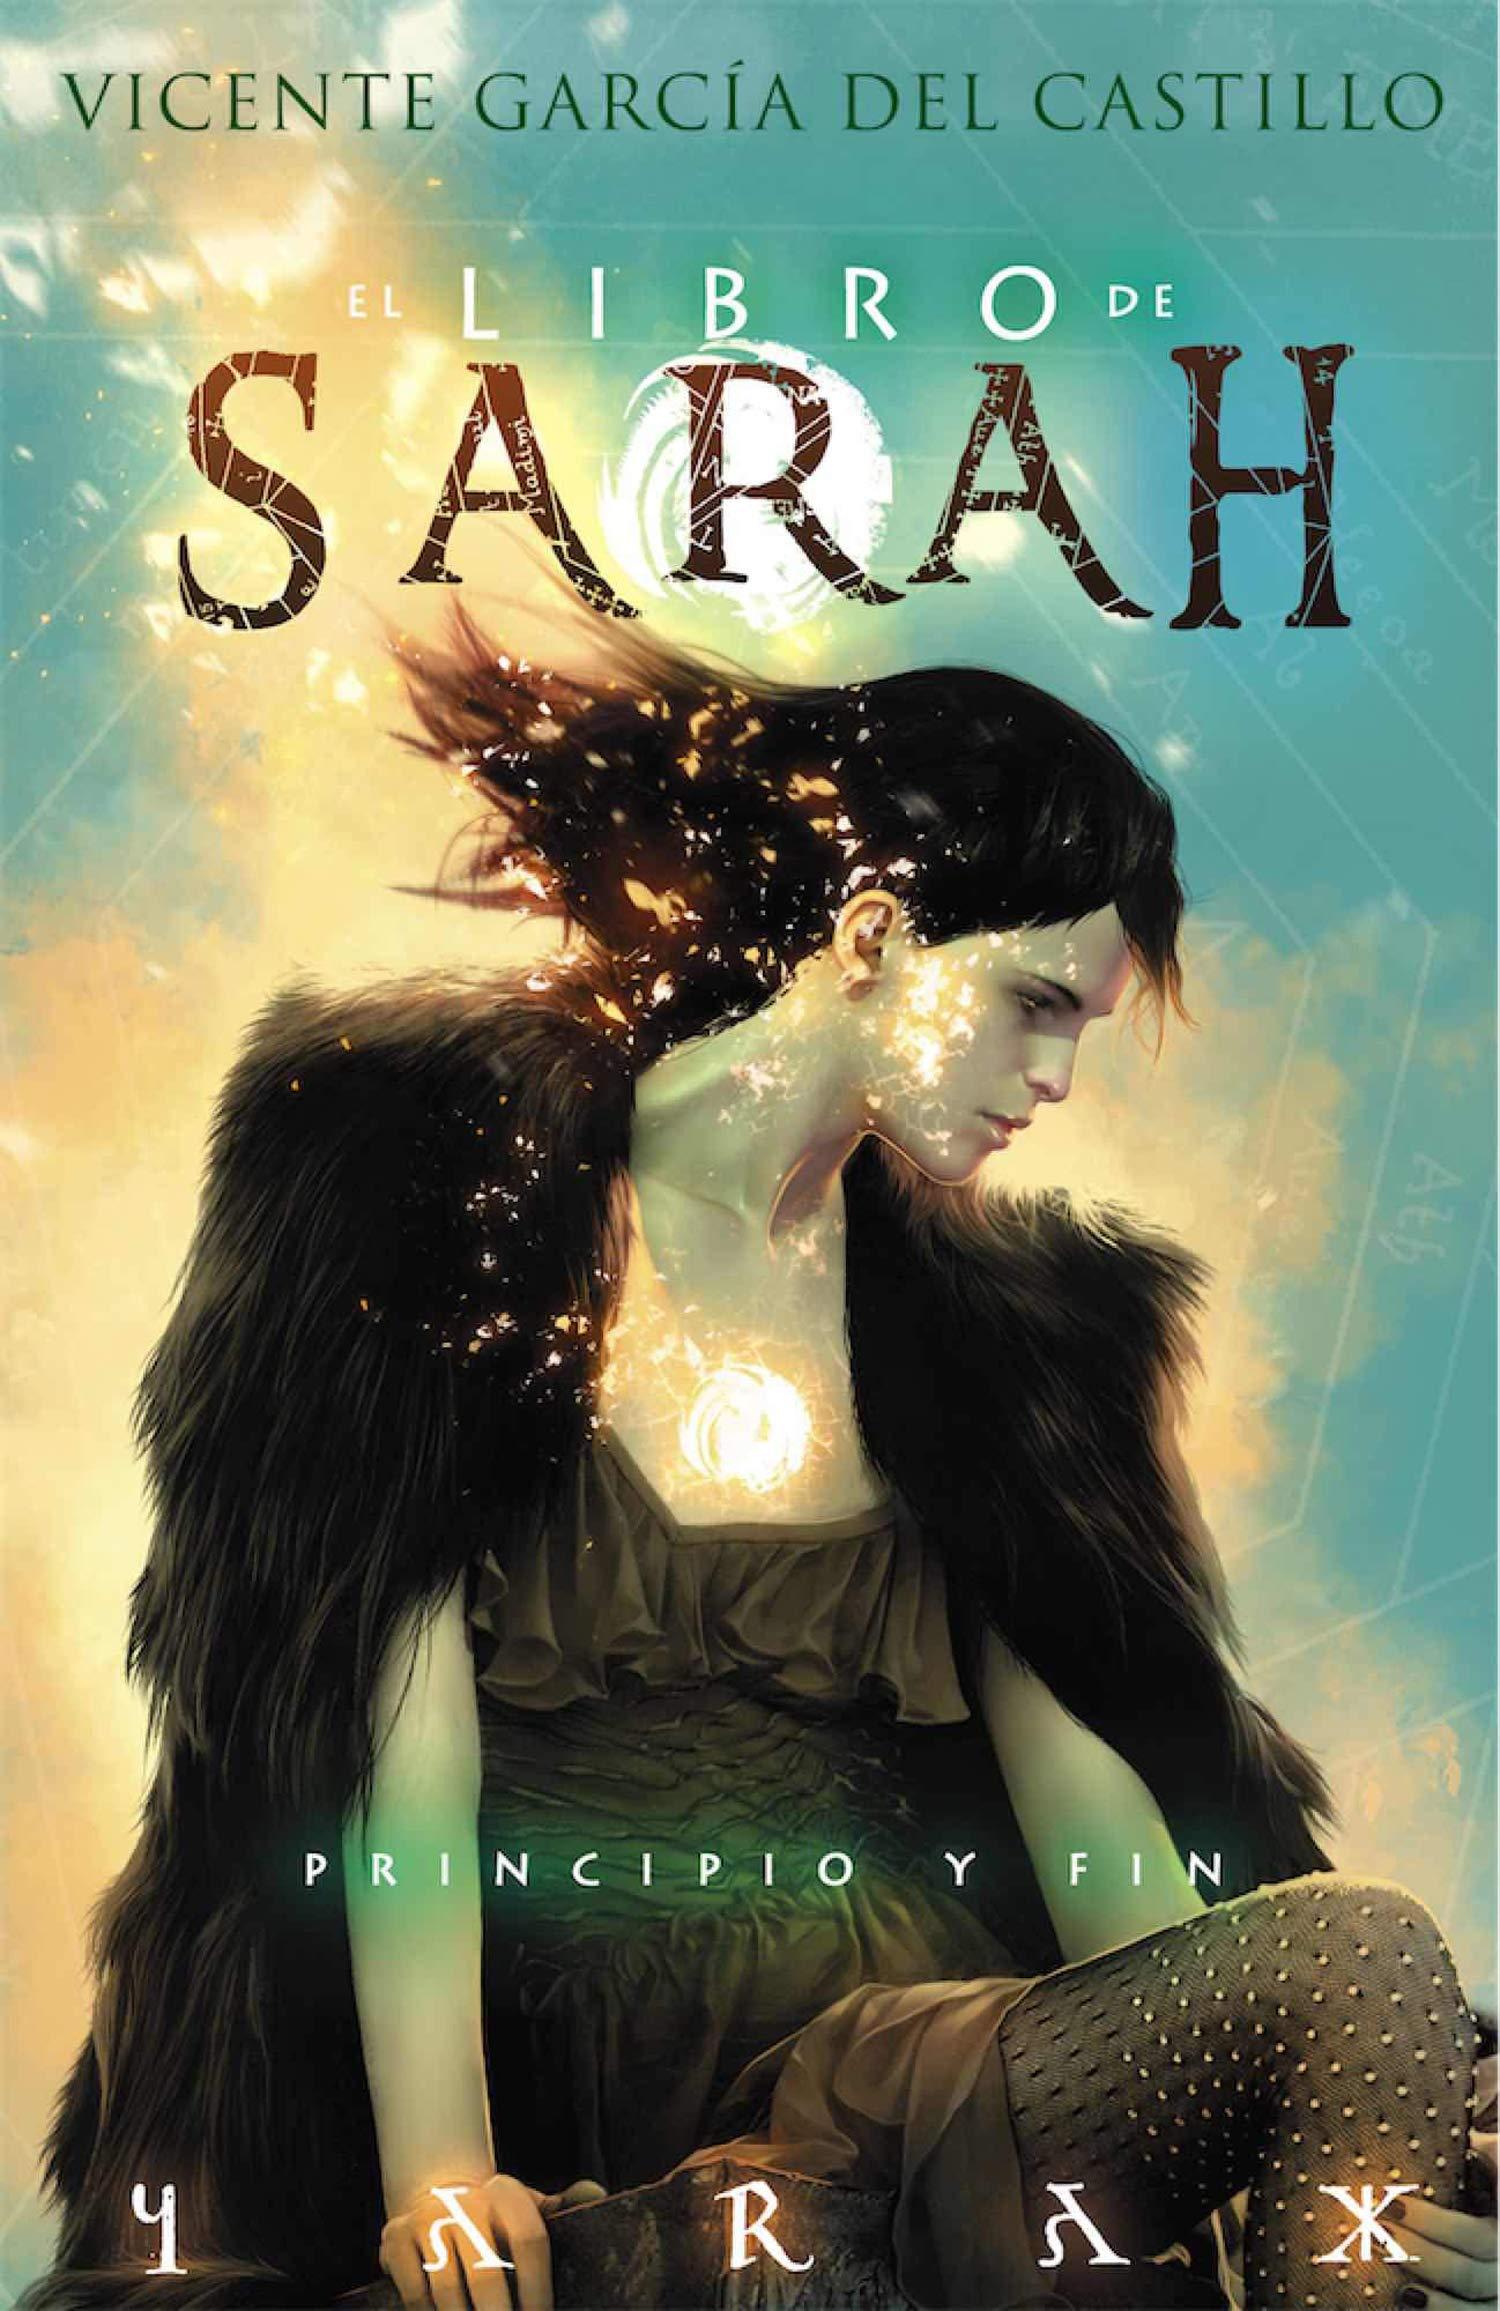 Libro de sarah principio y fin: Amazon.es: Garcia Vicente, Garcia ...